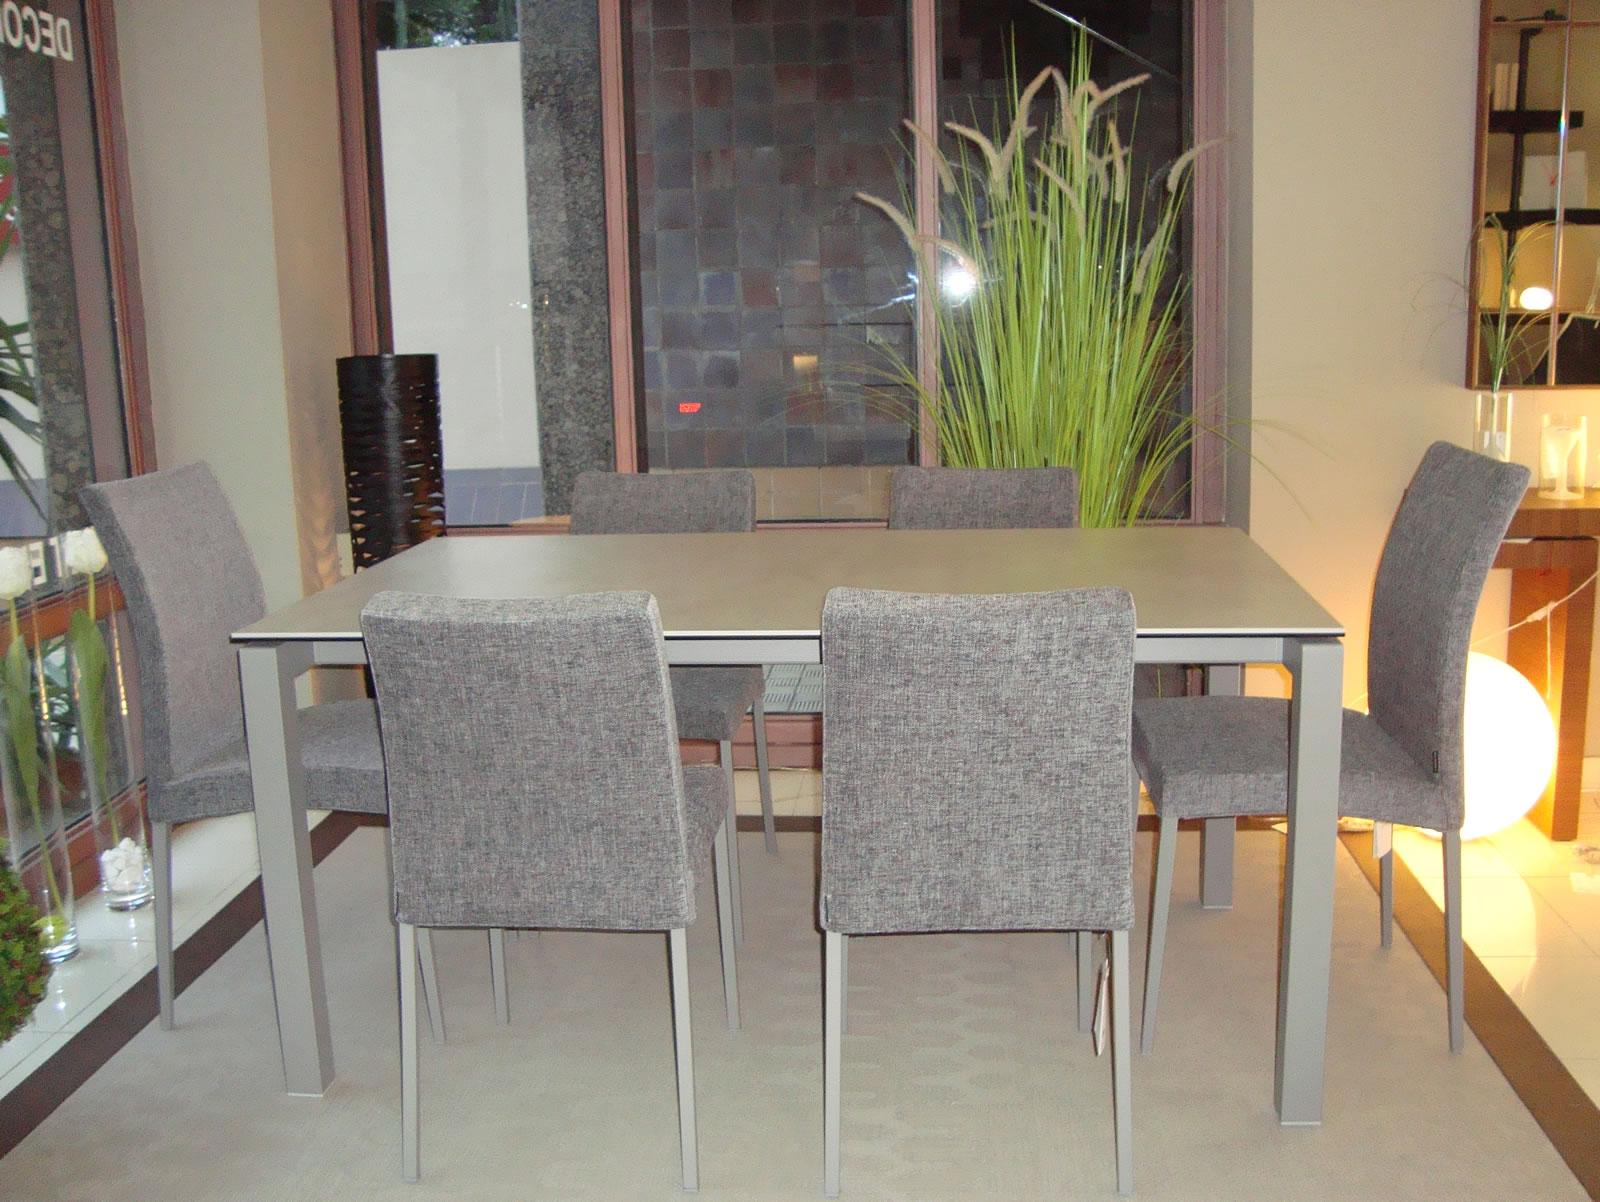 Decorar la mesa de comedor con sillas diferentes?   Decorart